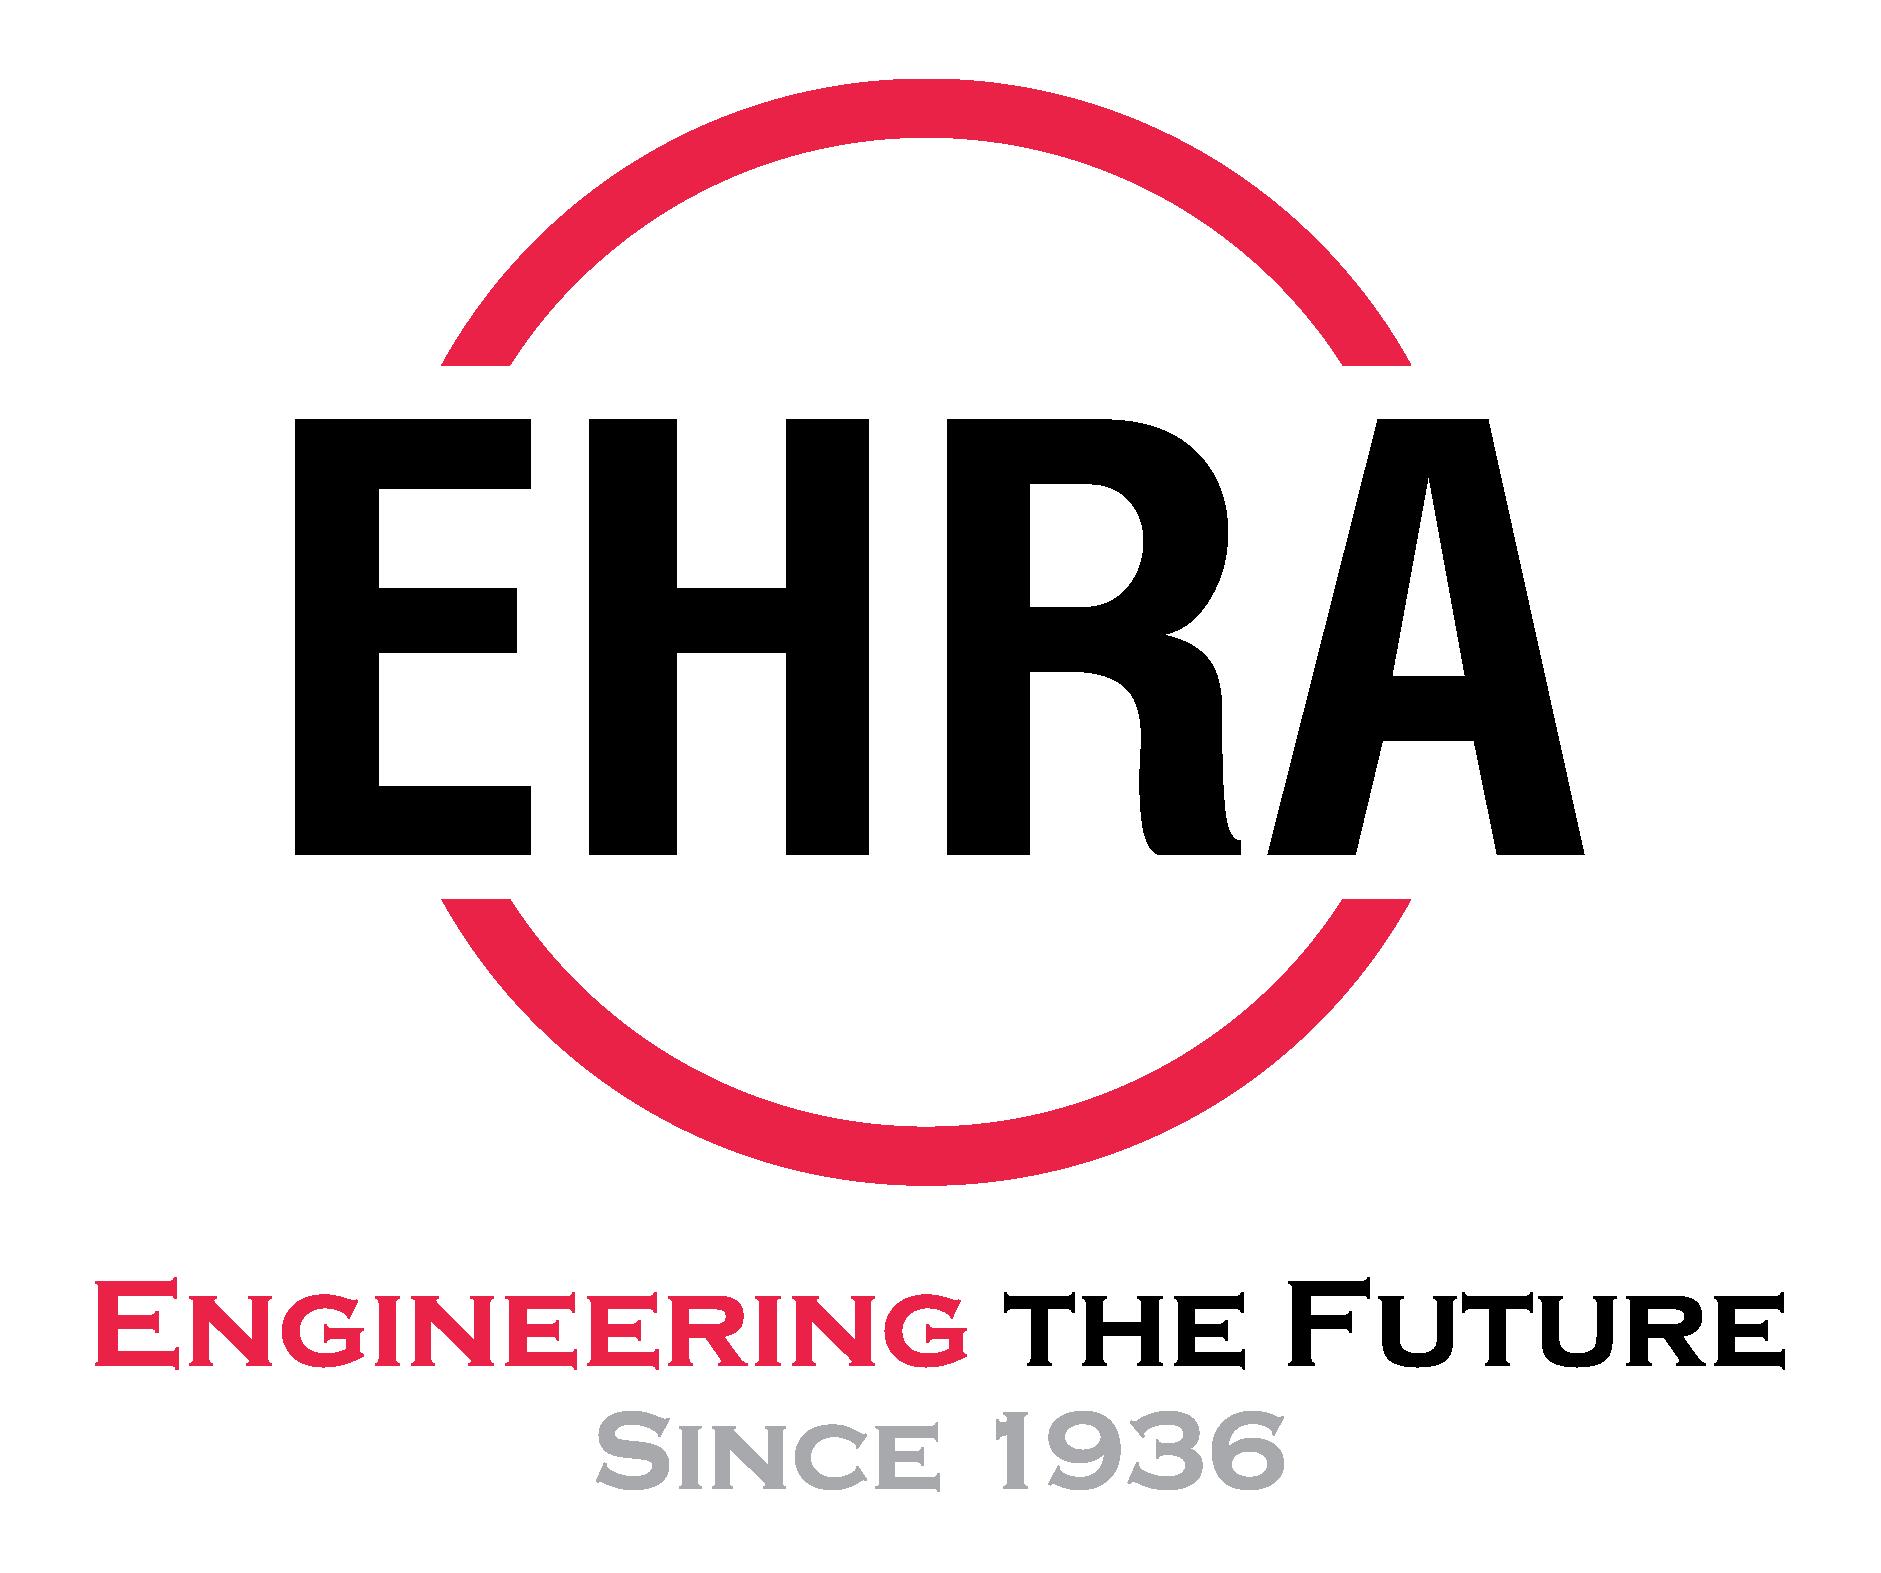 Edminster, Hinshaw, Russ & Associates, Inc. Company Logo